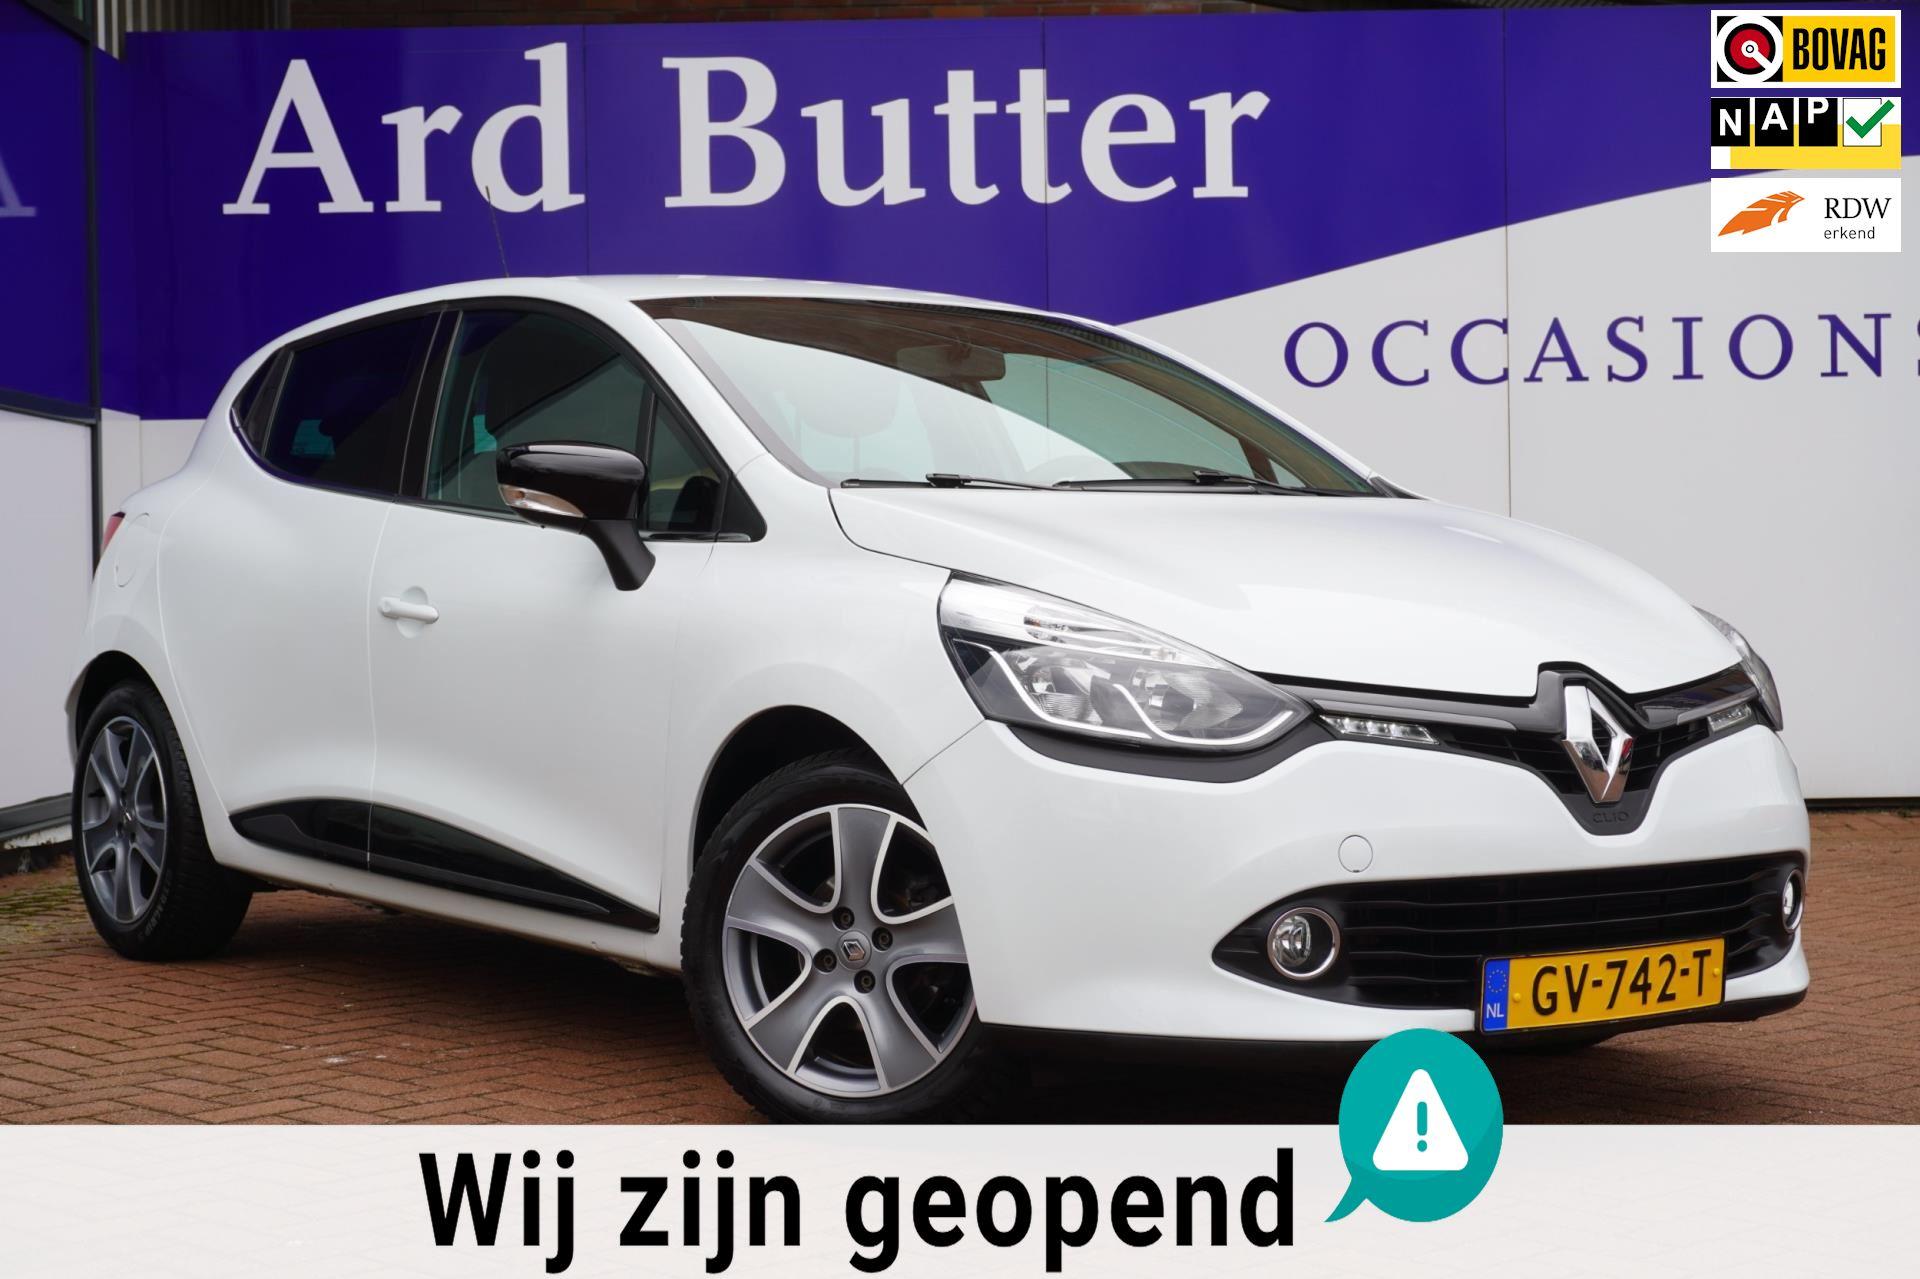 Renault Clio occasion - Autobedrijf Ard Butter B.V.